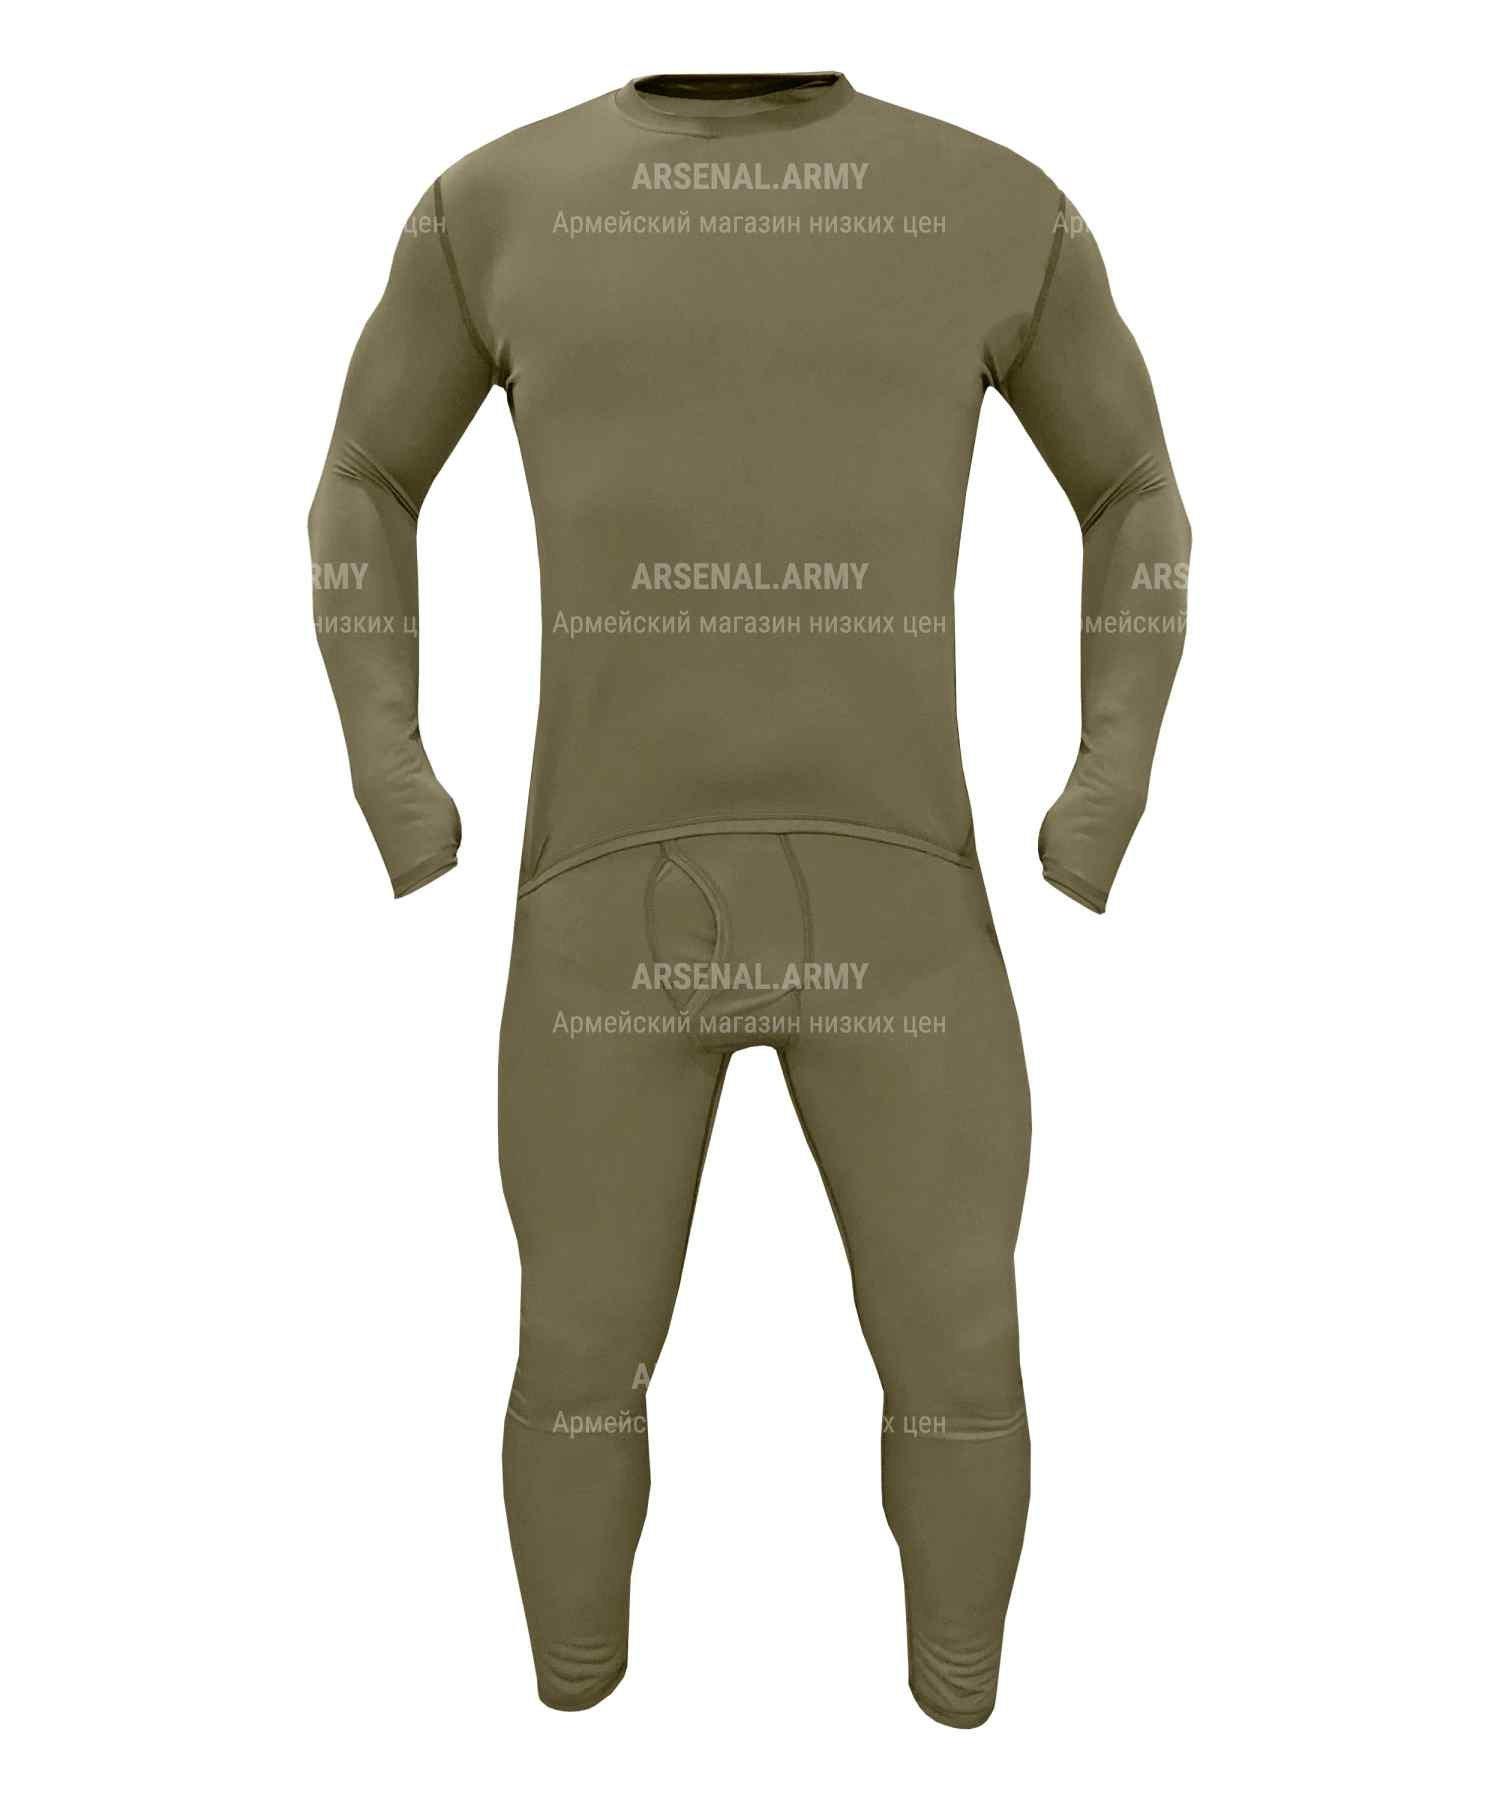 Комплект белья ВКБО фуфайка + кольсоны